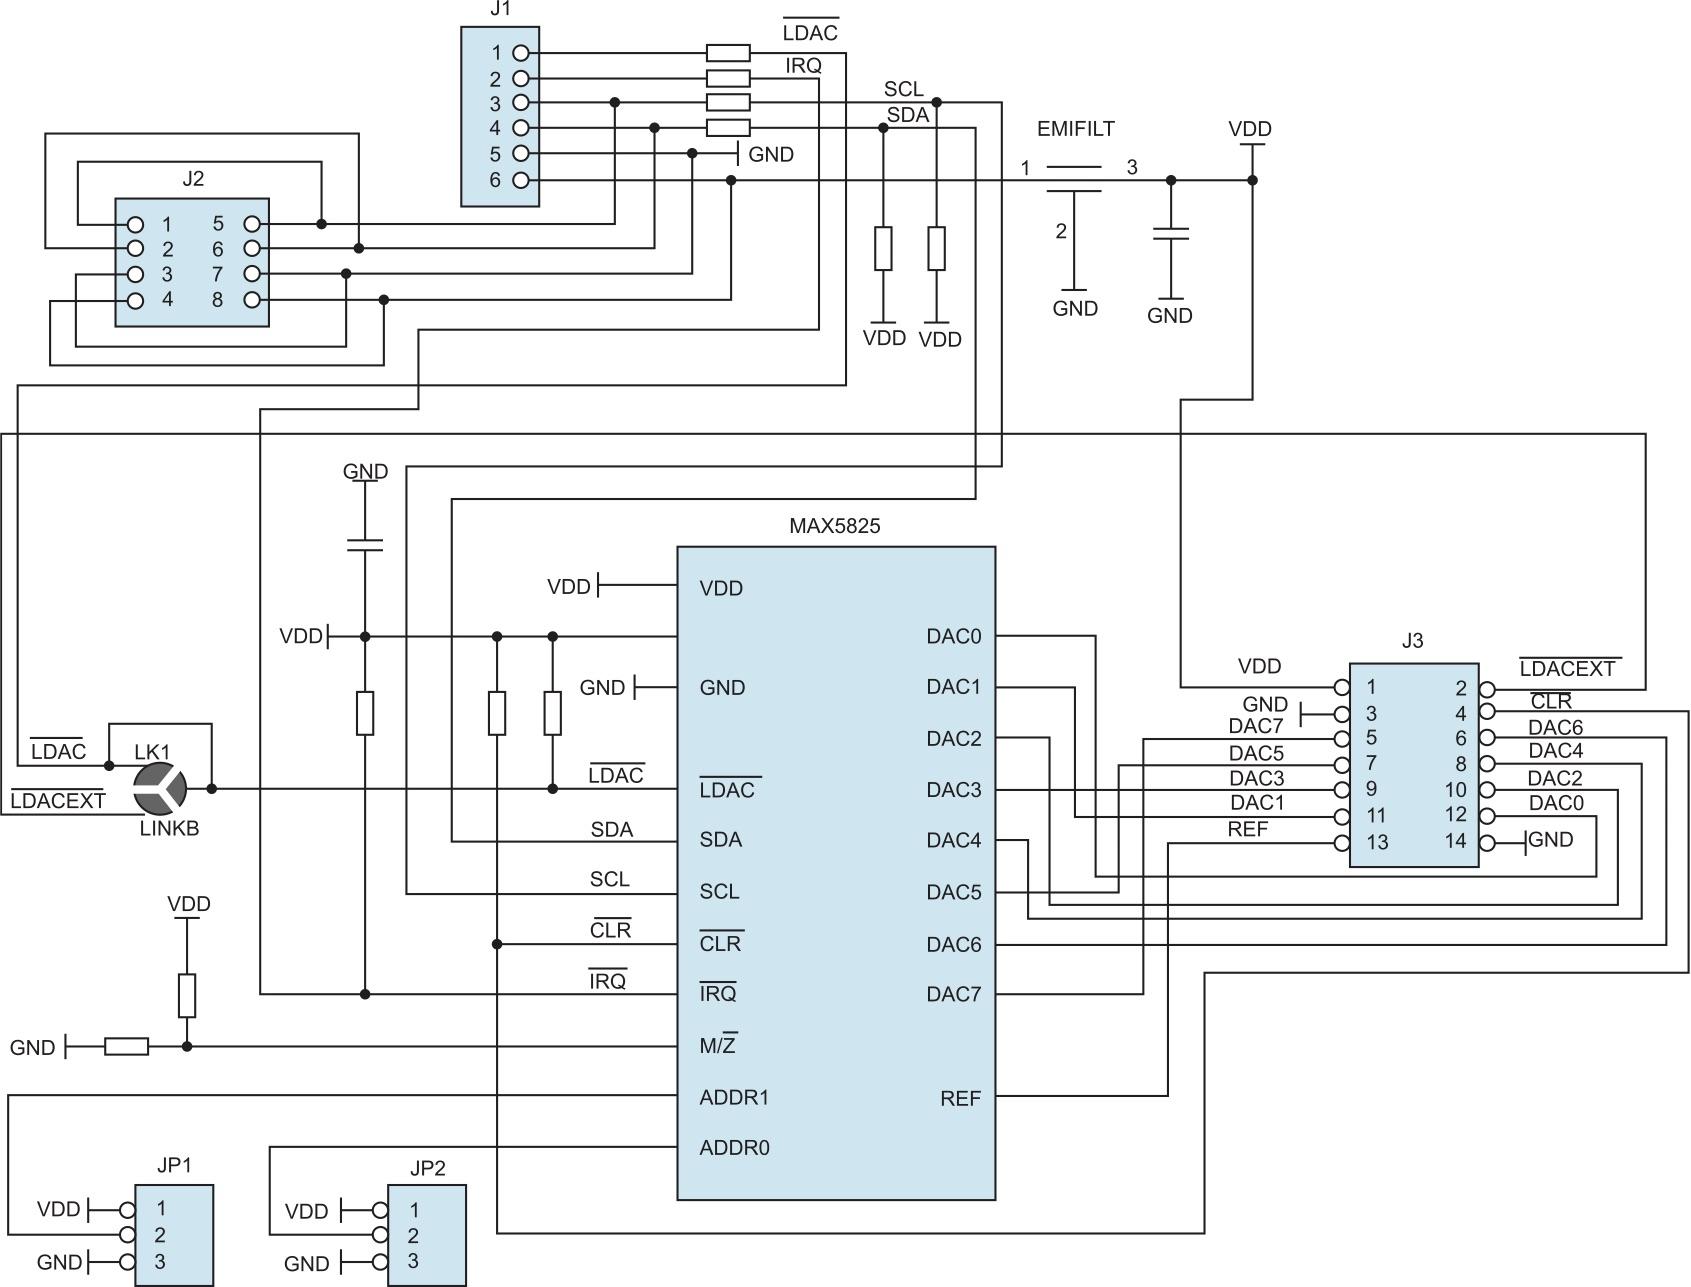 Структурное представление архитектуры периферийного модуля MAX5825PMB1